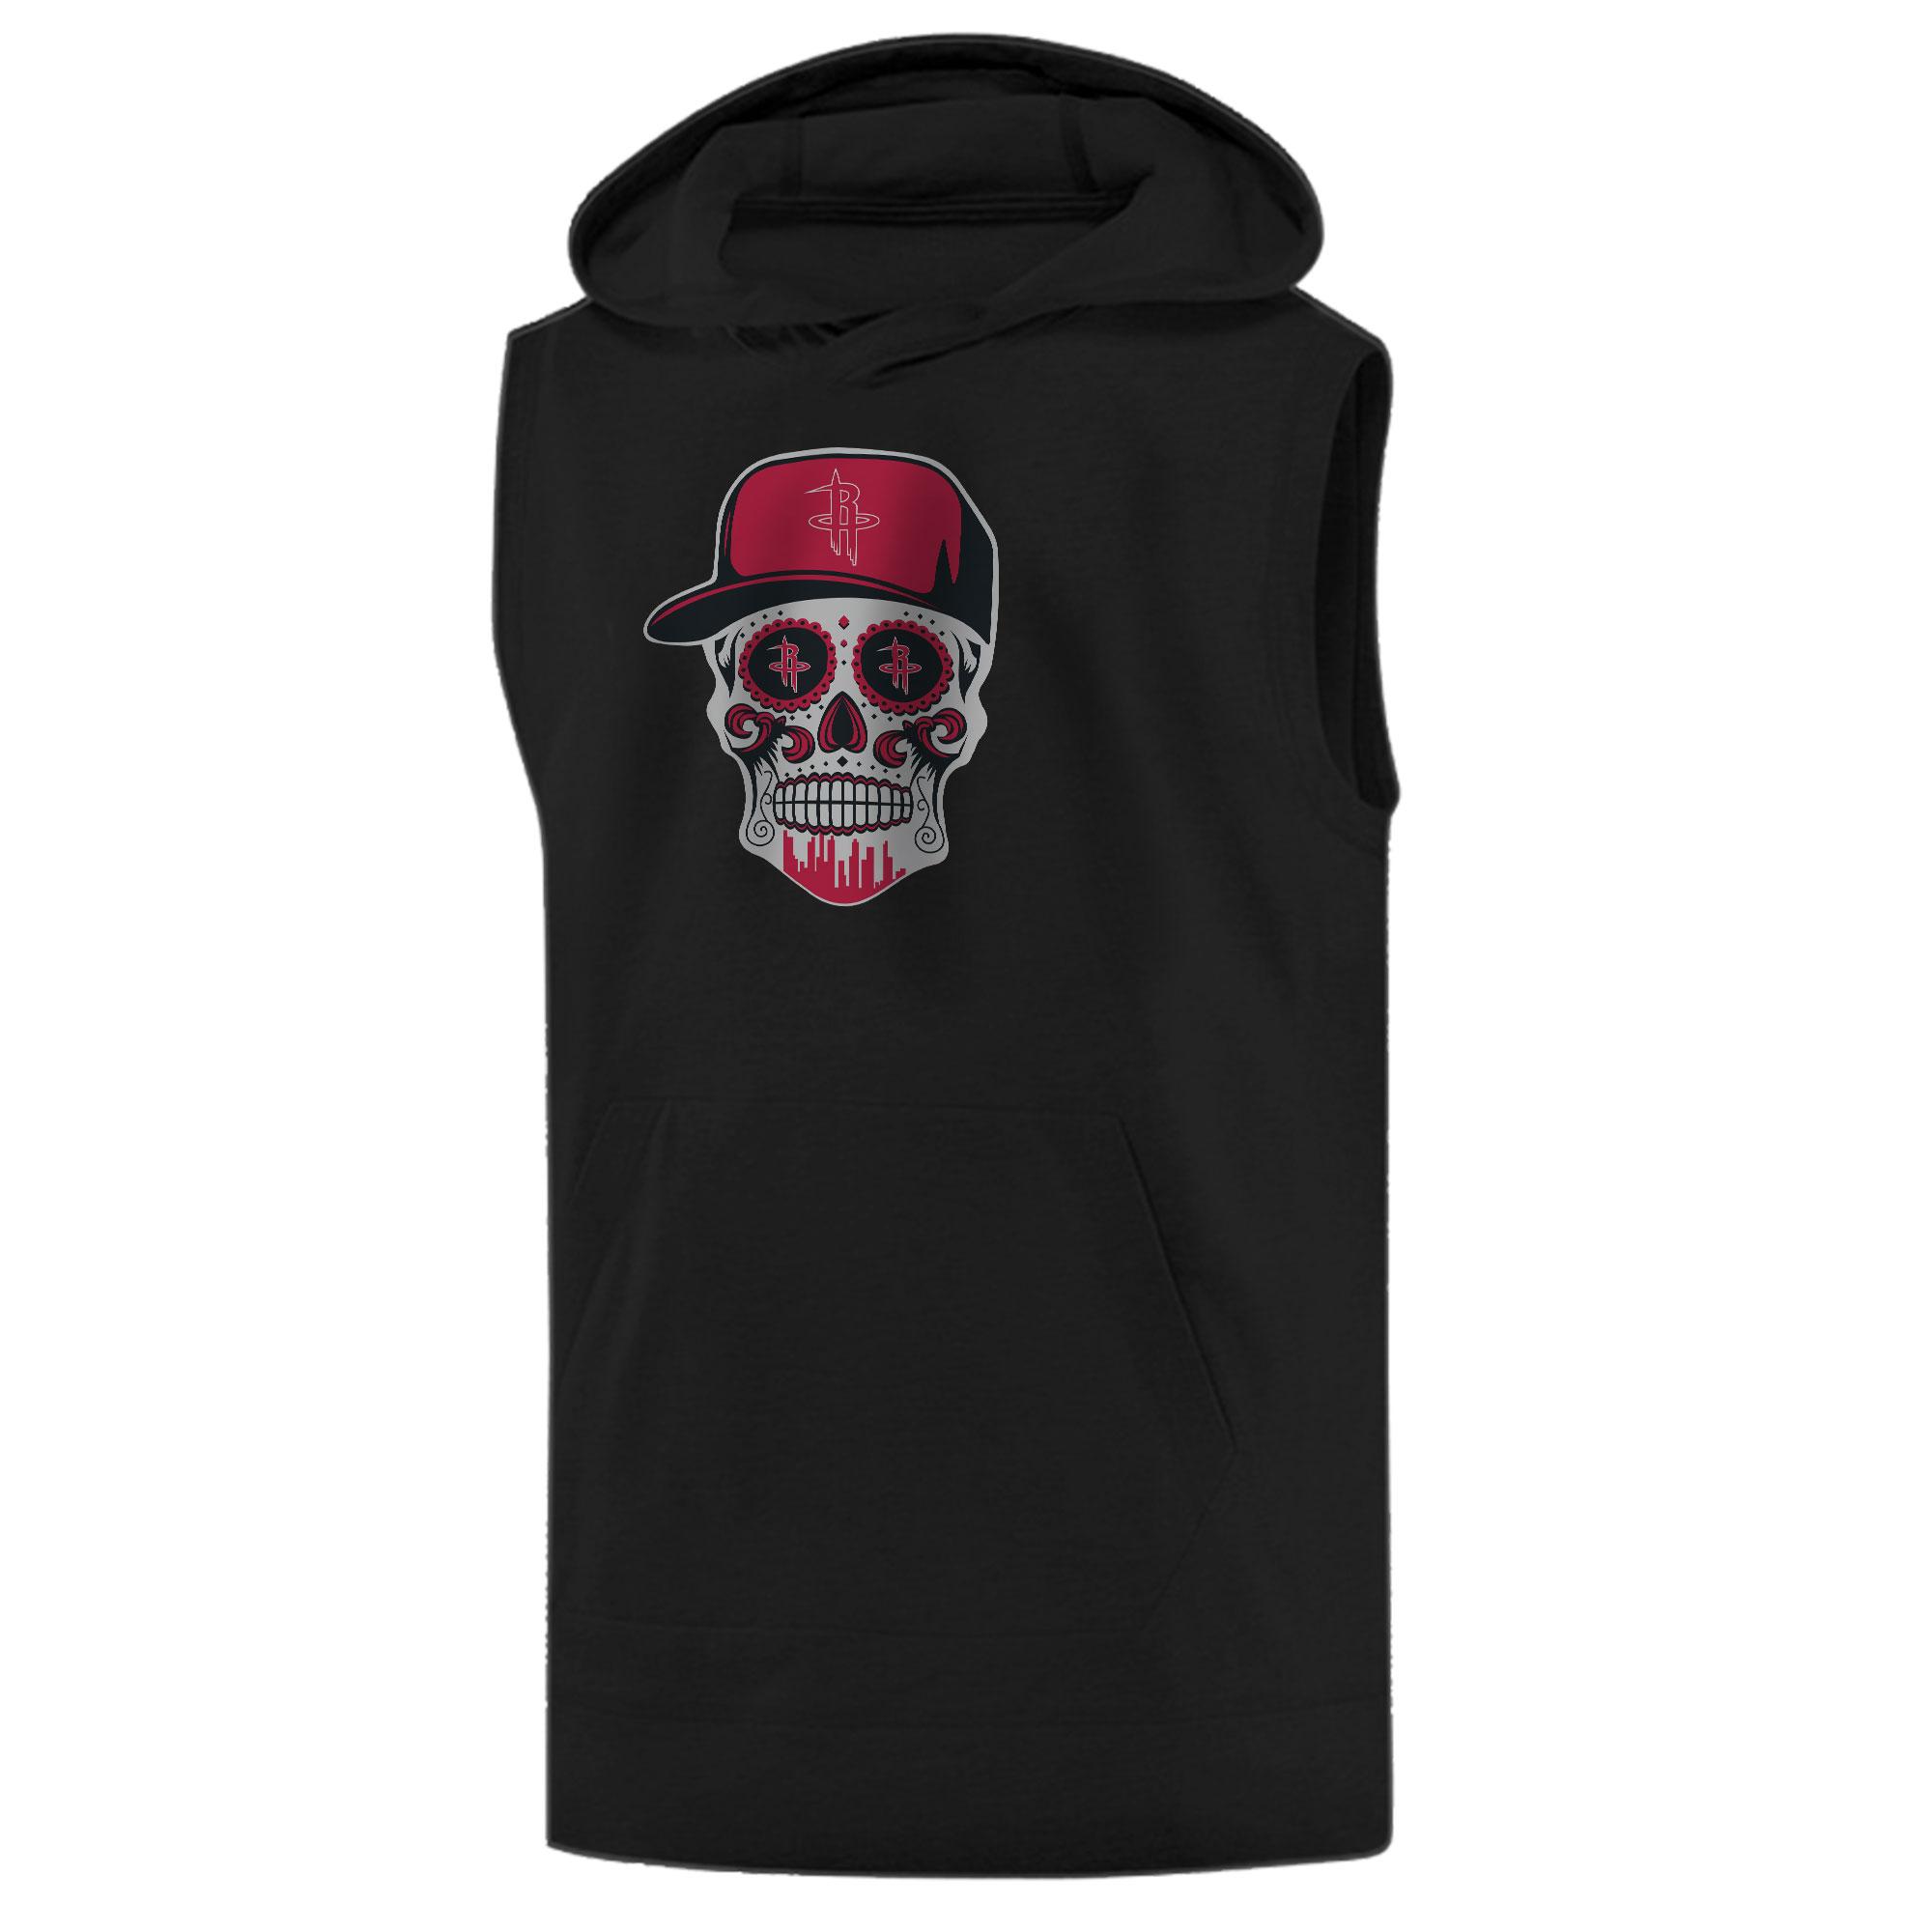 Rockets Skull Sleeveless (KLS-BLC-NP-453-NBA-HOU-SKULL)